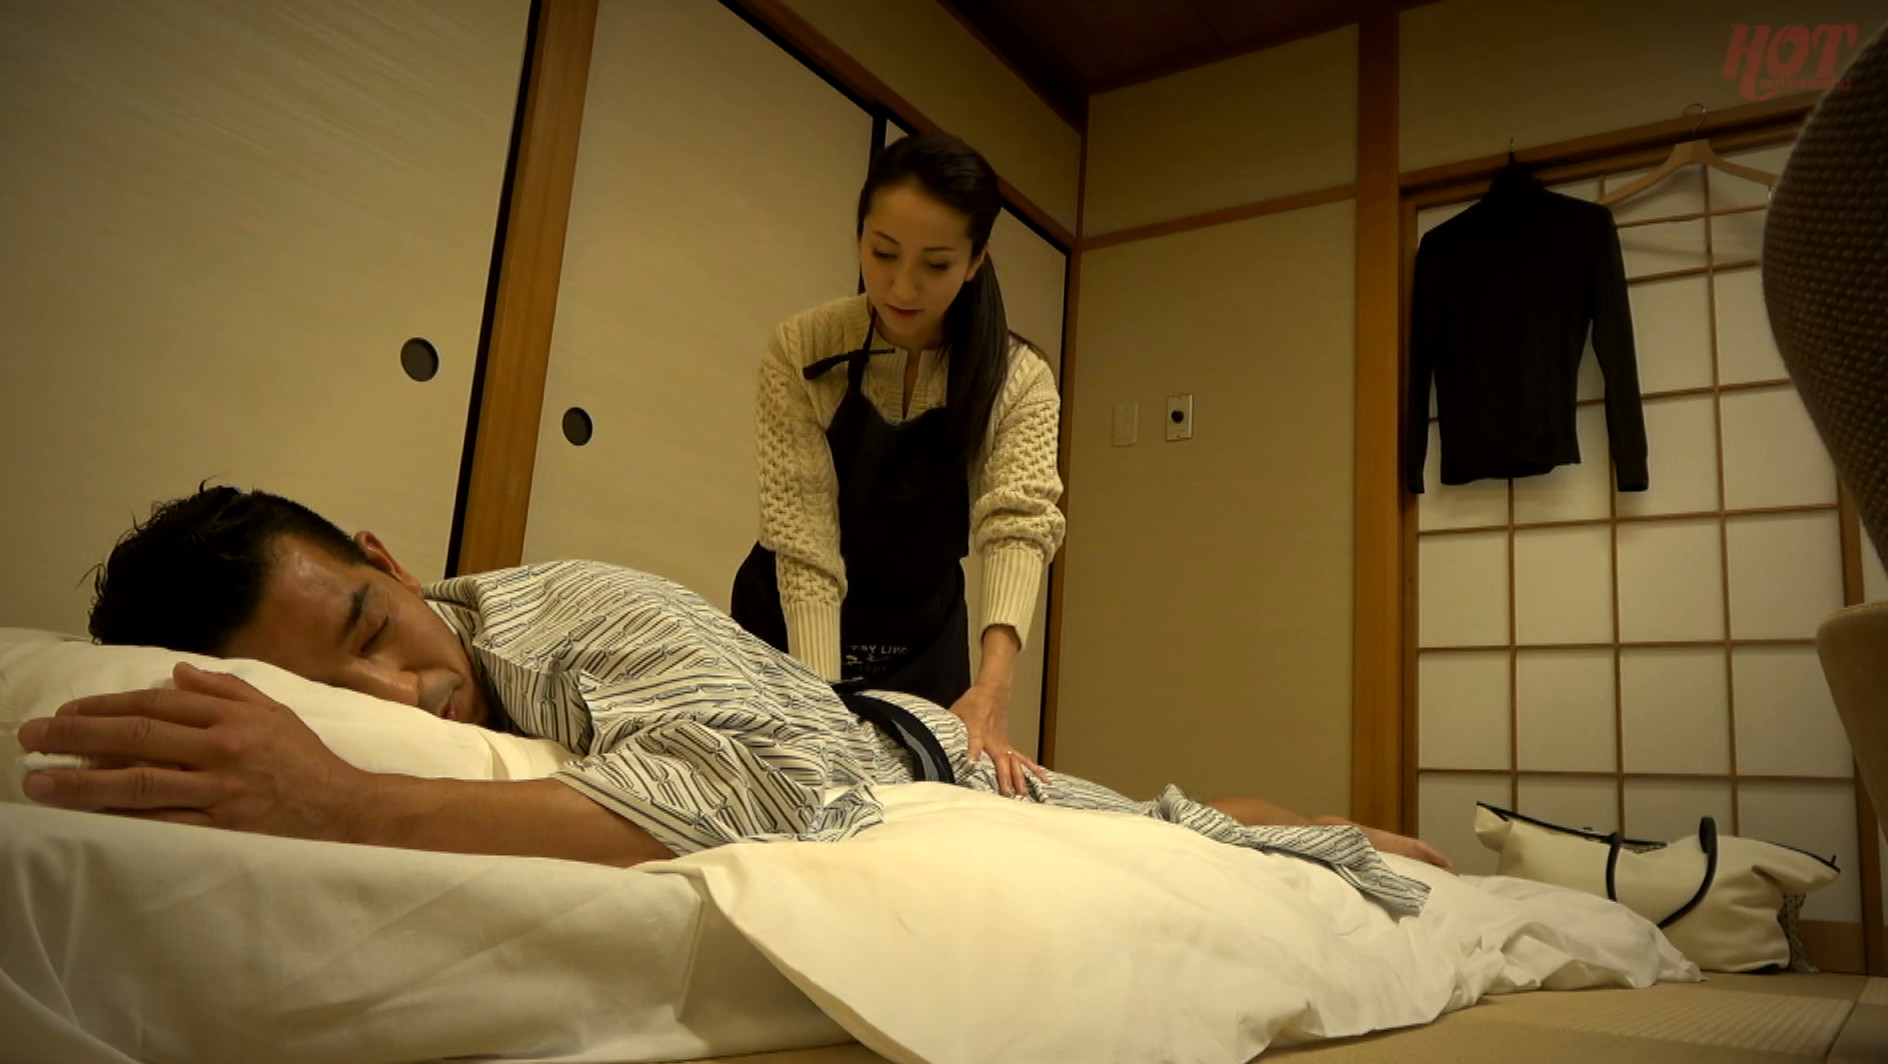 寝込みを襲われた民宿のおかみ 快楽堕ちした熟女の膣奥に濃厚射精